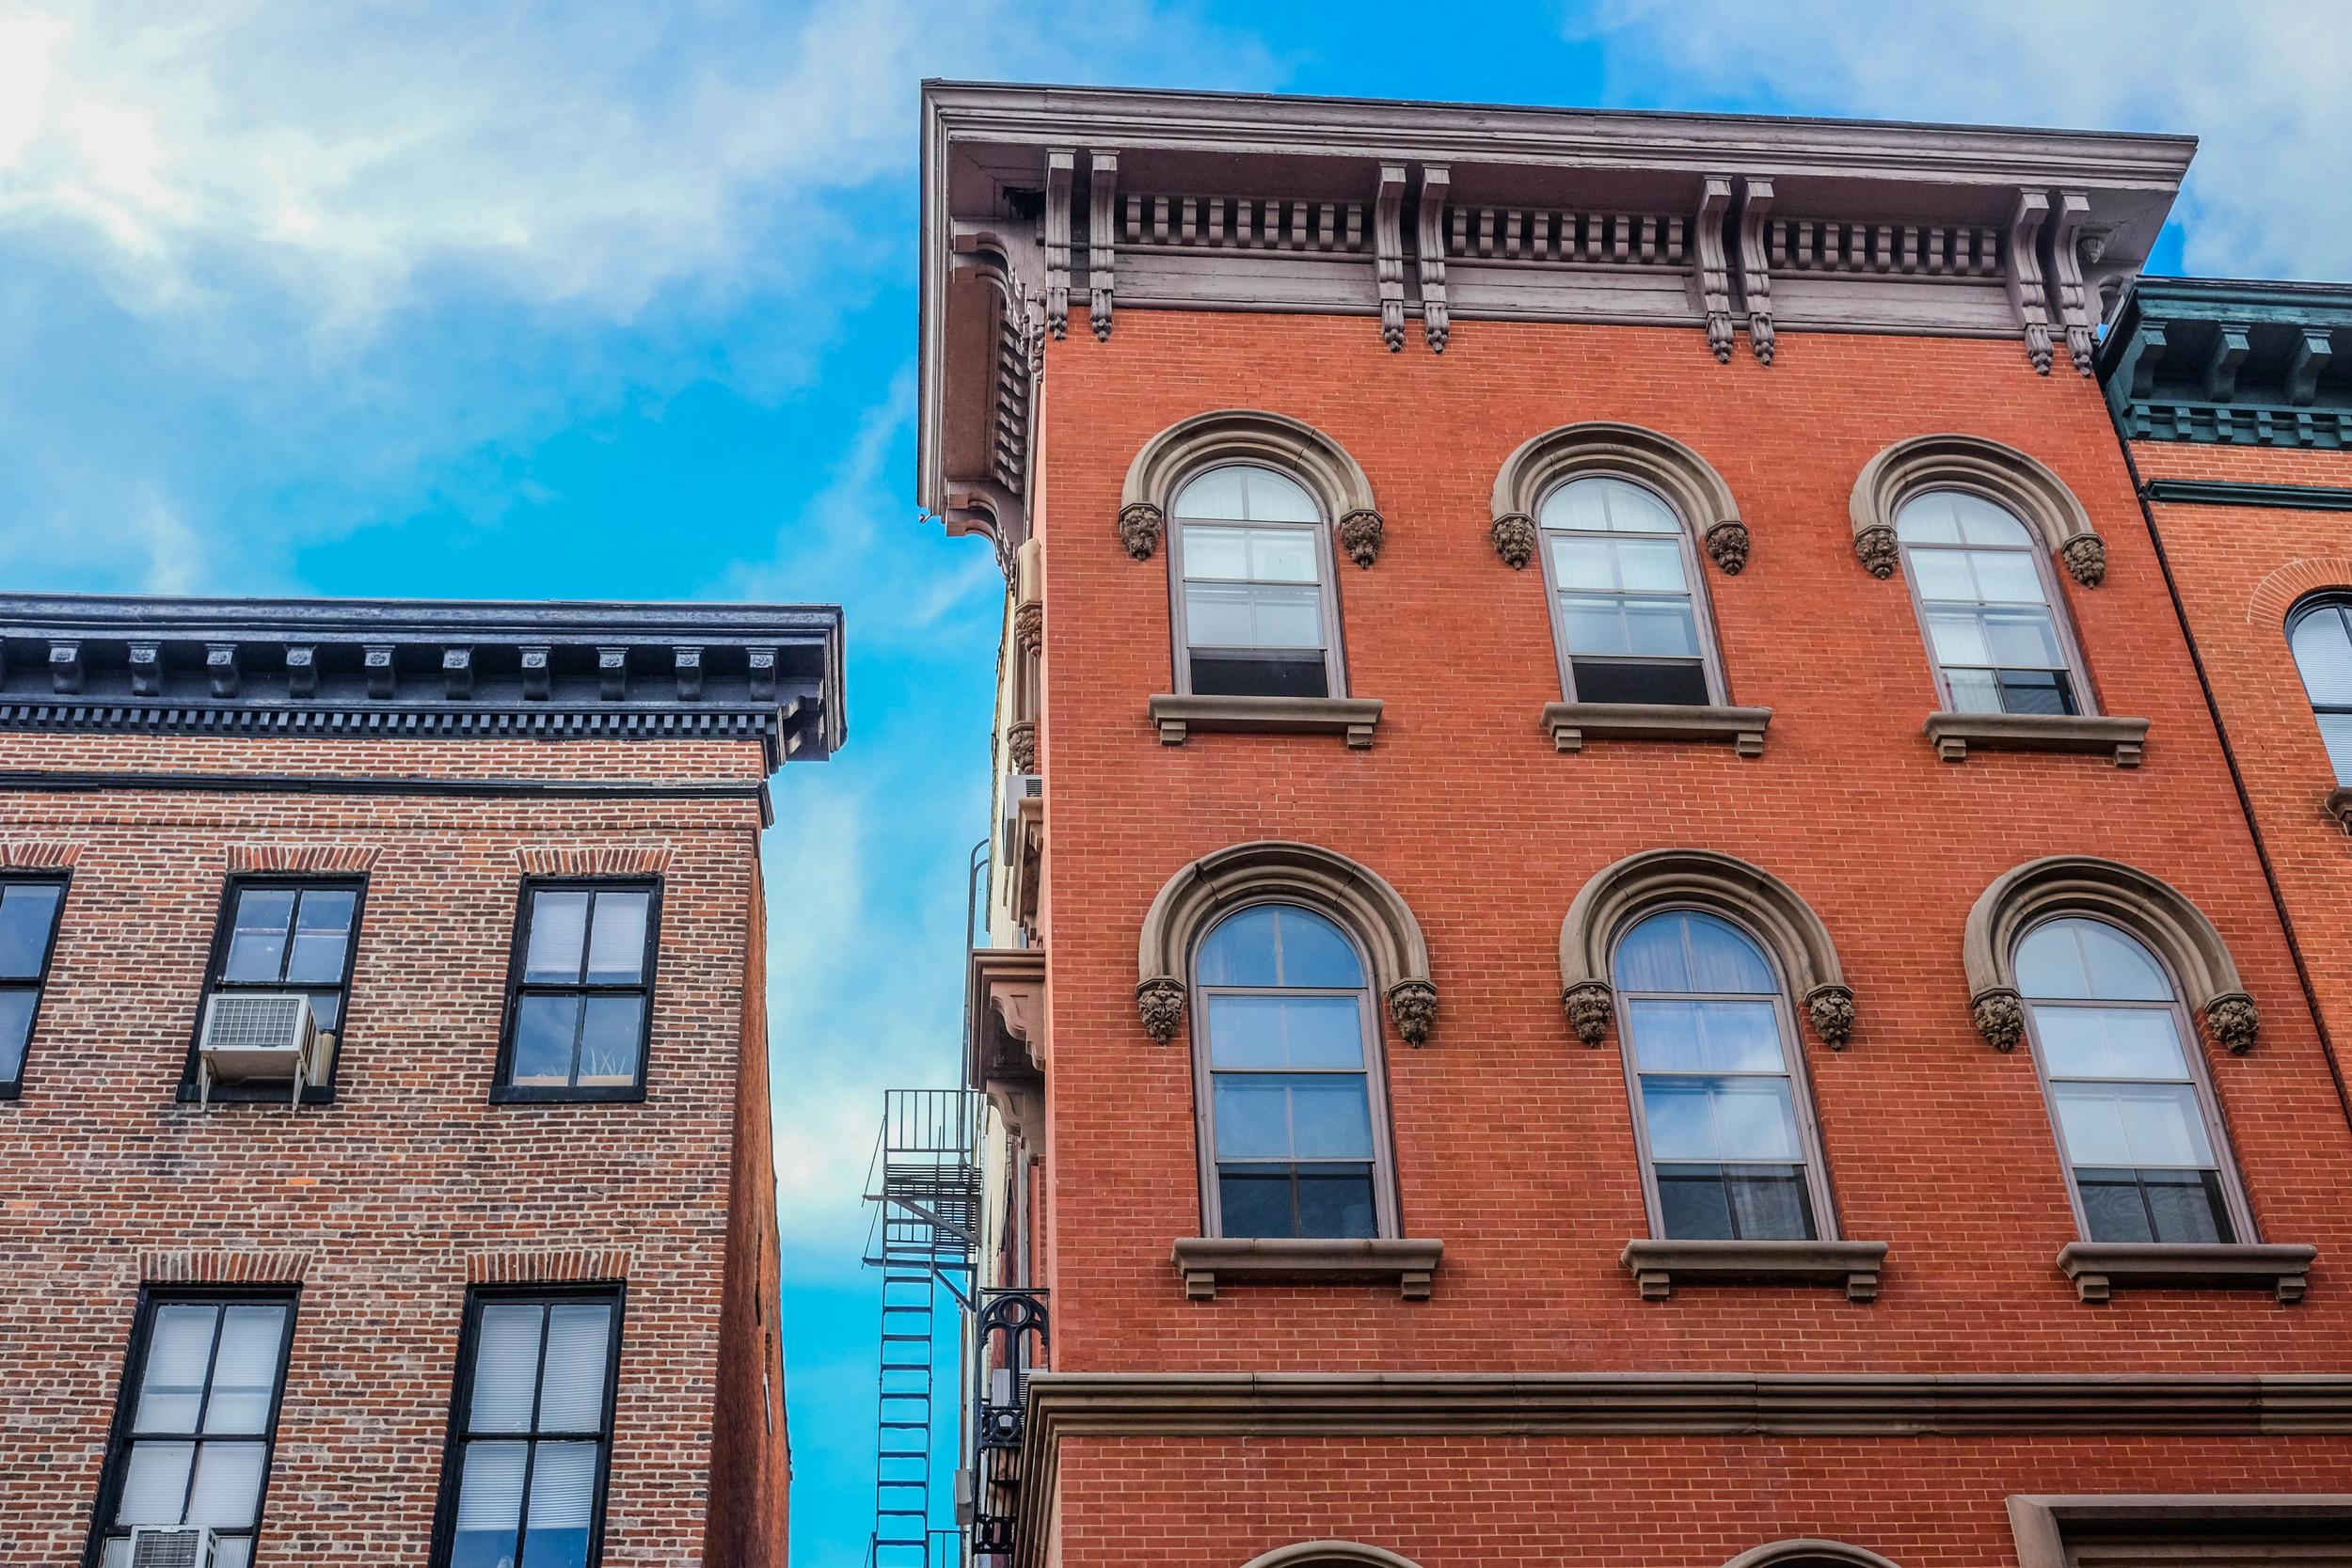 St Paul Street, Baltimore. Photo by Derek Vaughan Brown.